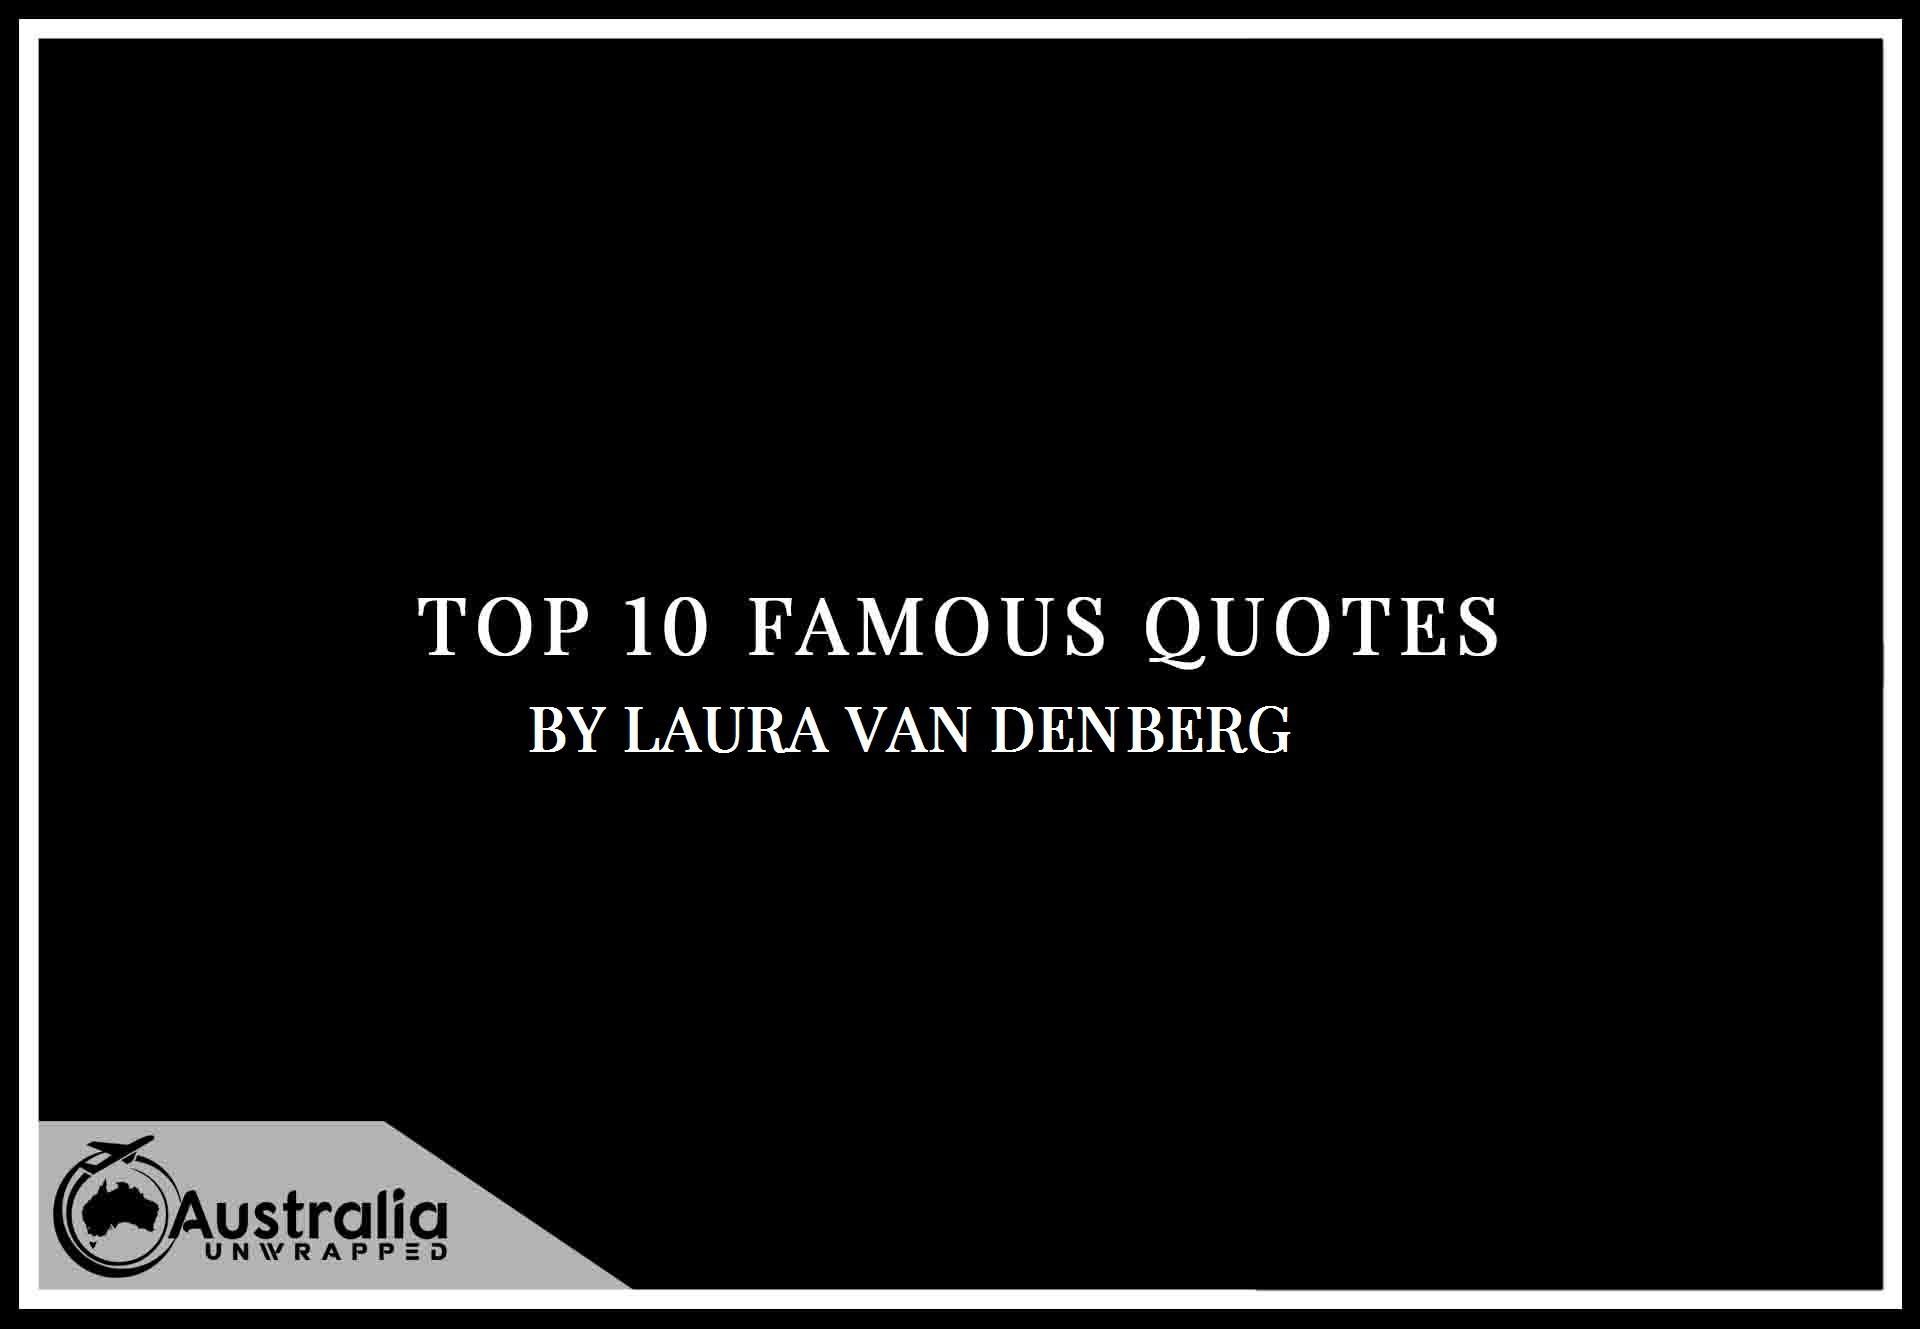 Laura van den Berg's Top 10 Popular and Famous Quotes